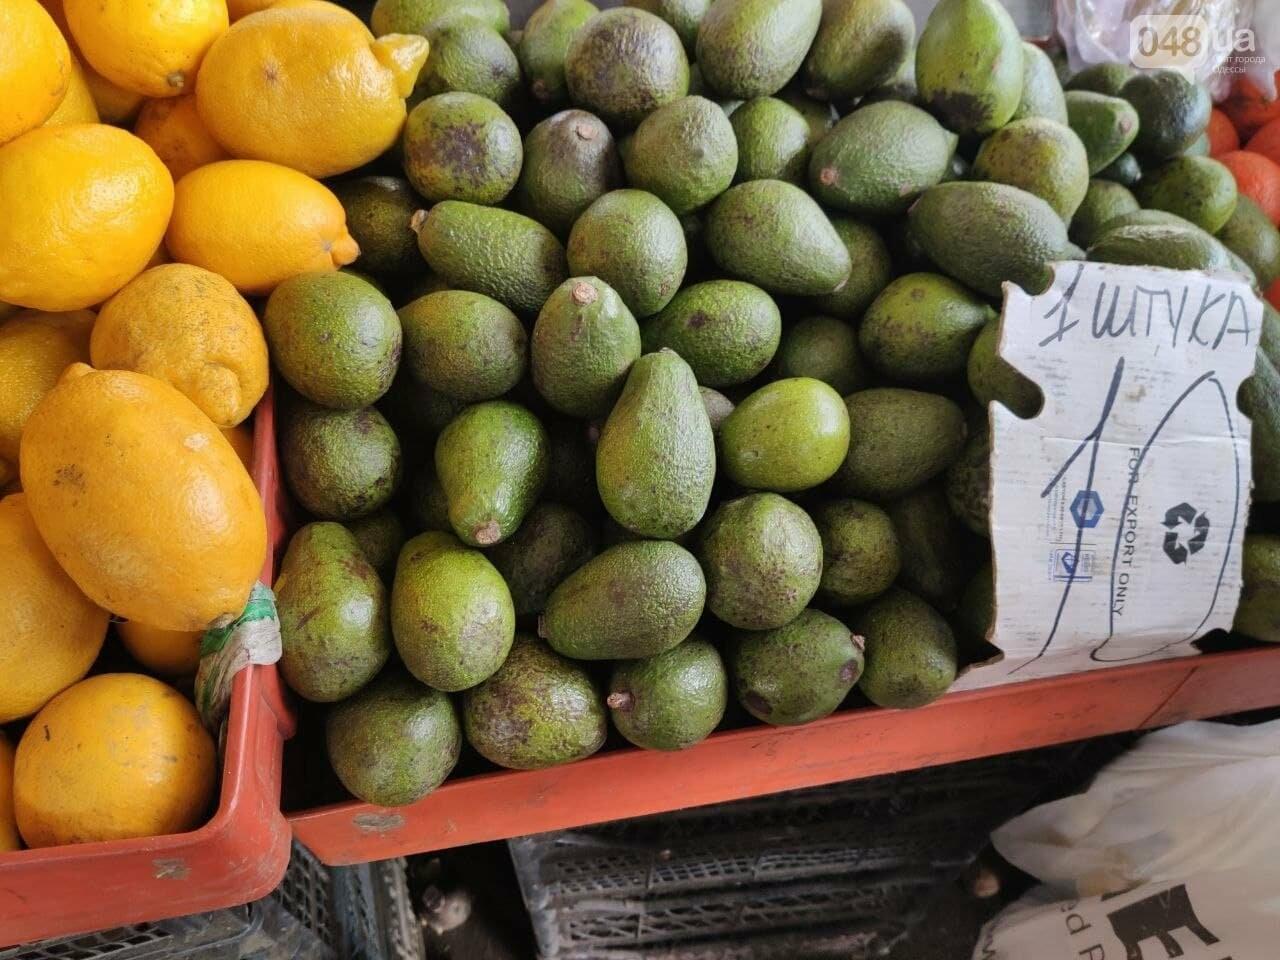 Грейпфрут, груши, вешенки: почем на одесском Привозе овощи и фрукты, - ФОТО, фото-4